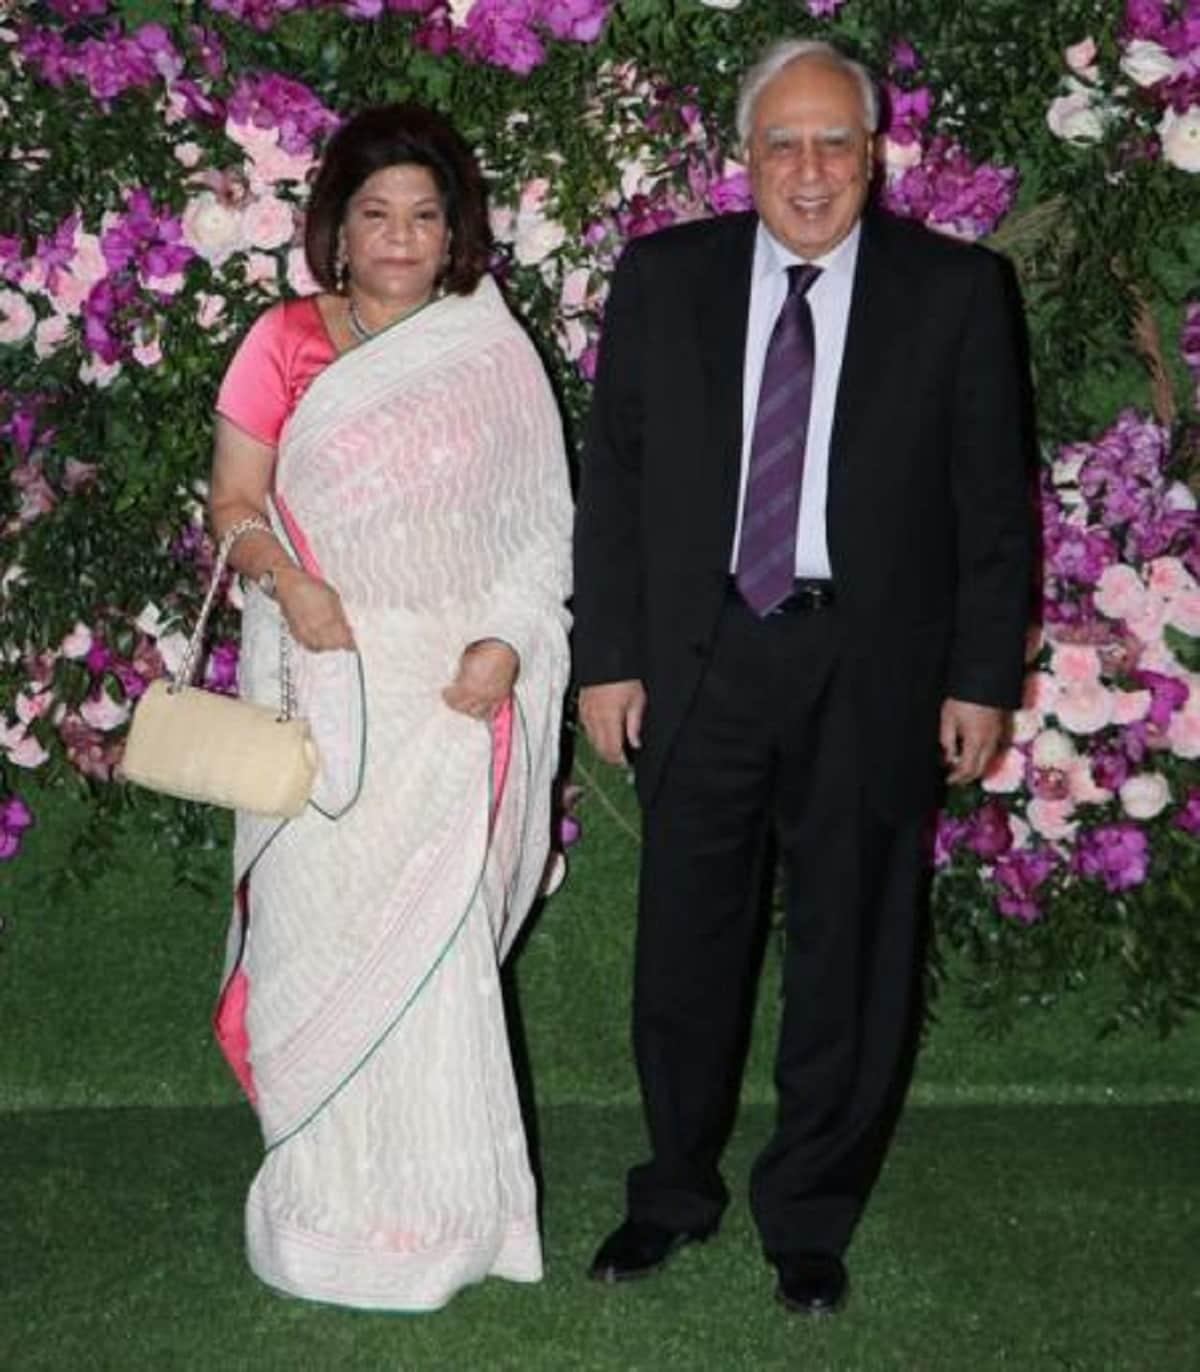 Politician Kapil Sibal and his wife Promila Sibal attend Akash Ambani and Shloka Mehta's wedding. (Image: Viral Bhayani)